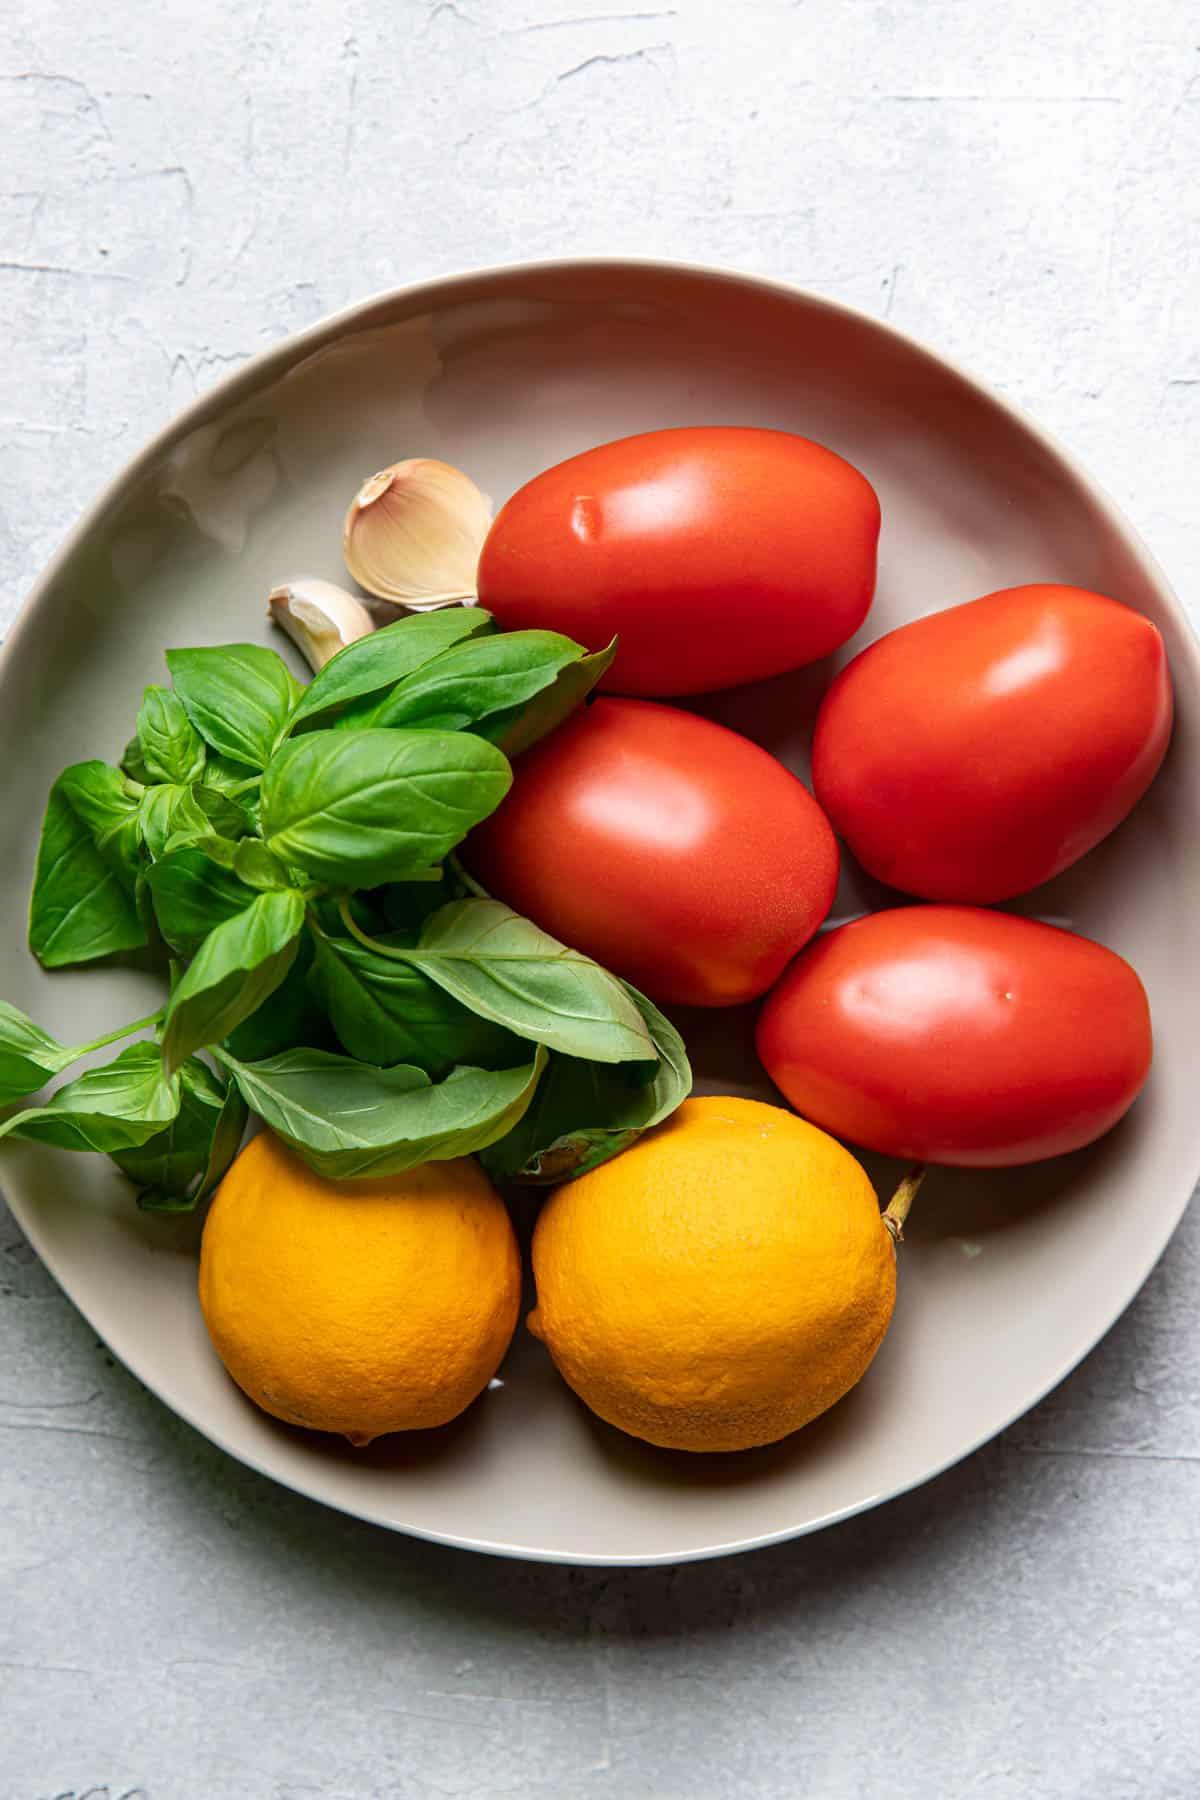 Bowl of tomatoes, lemons, basil and garlic.